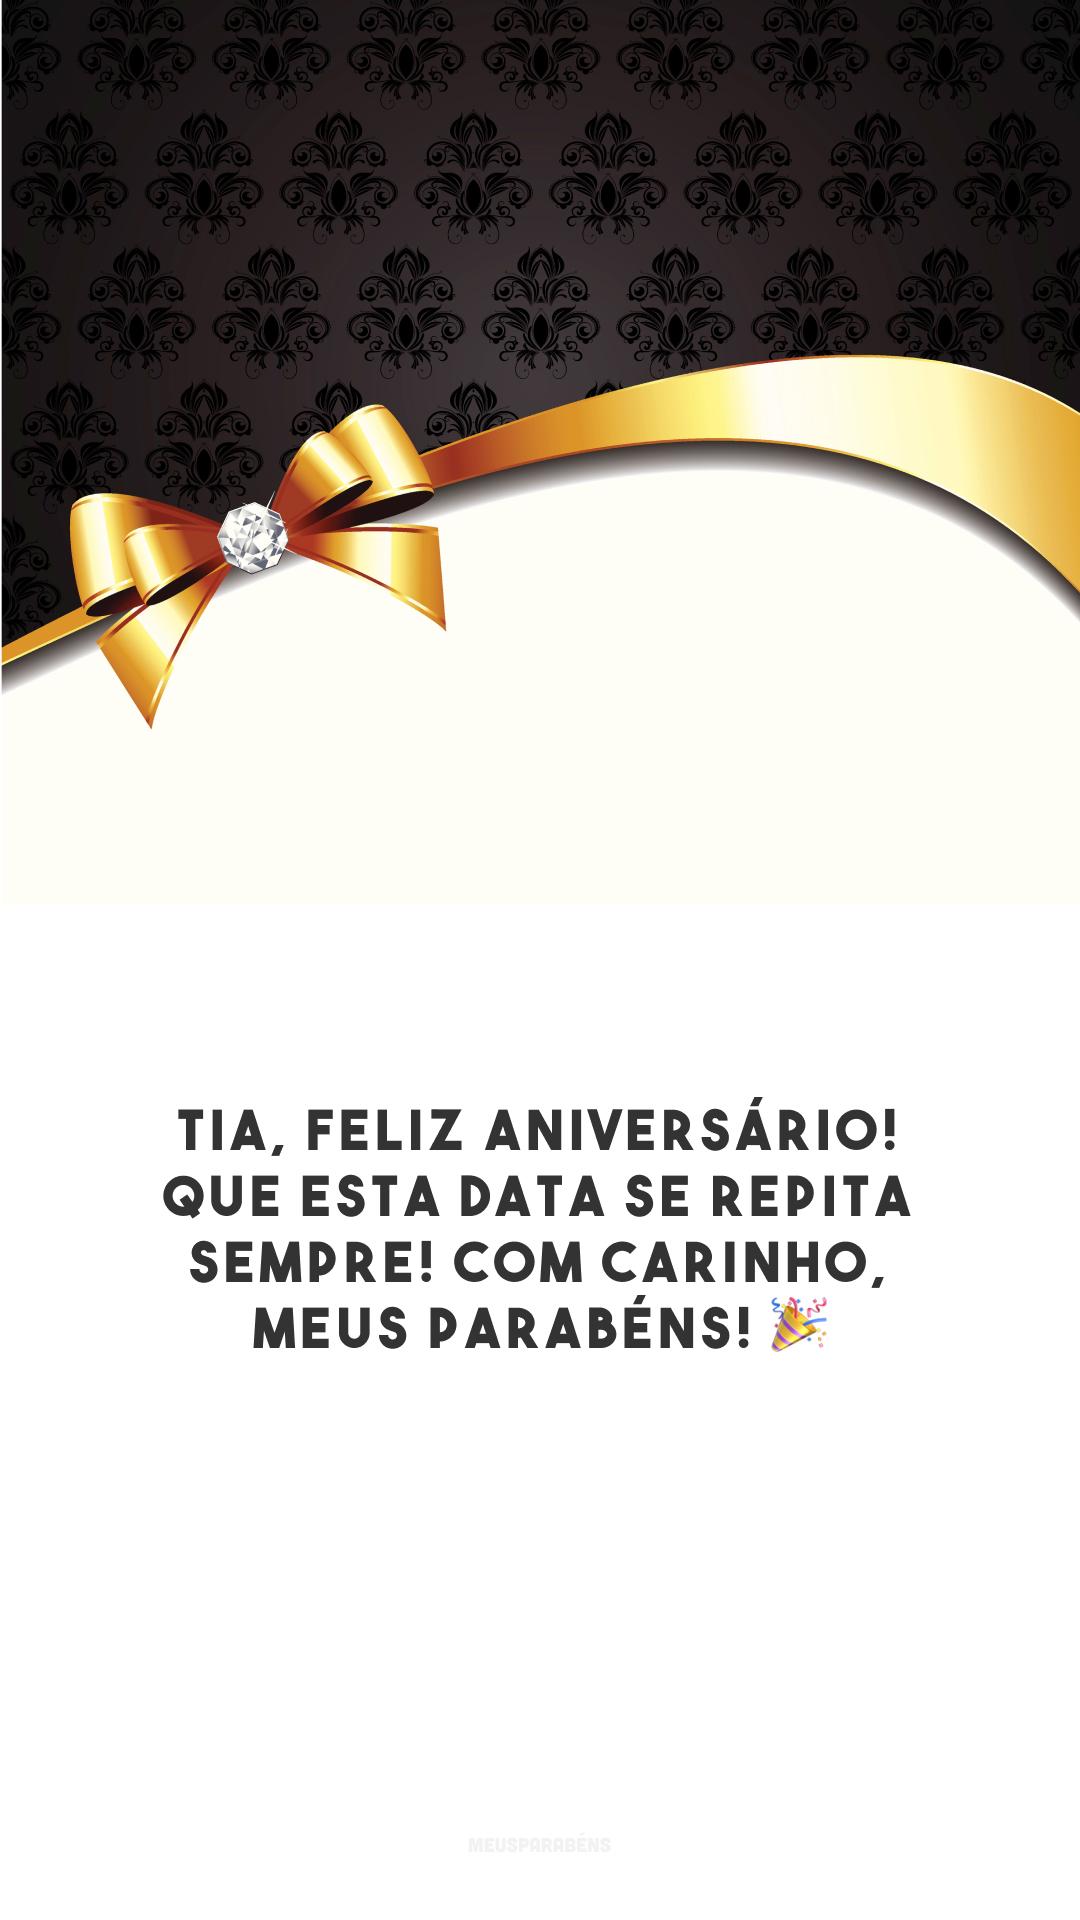 Tia, feliz aniversário! Que esta data se repita sempre! Com carinho, meus parabéns! 🎉